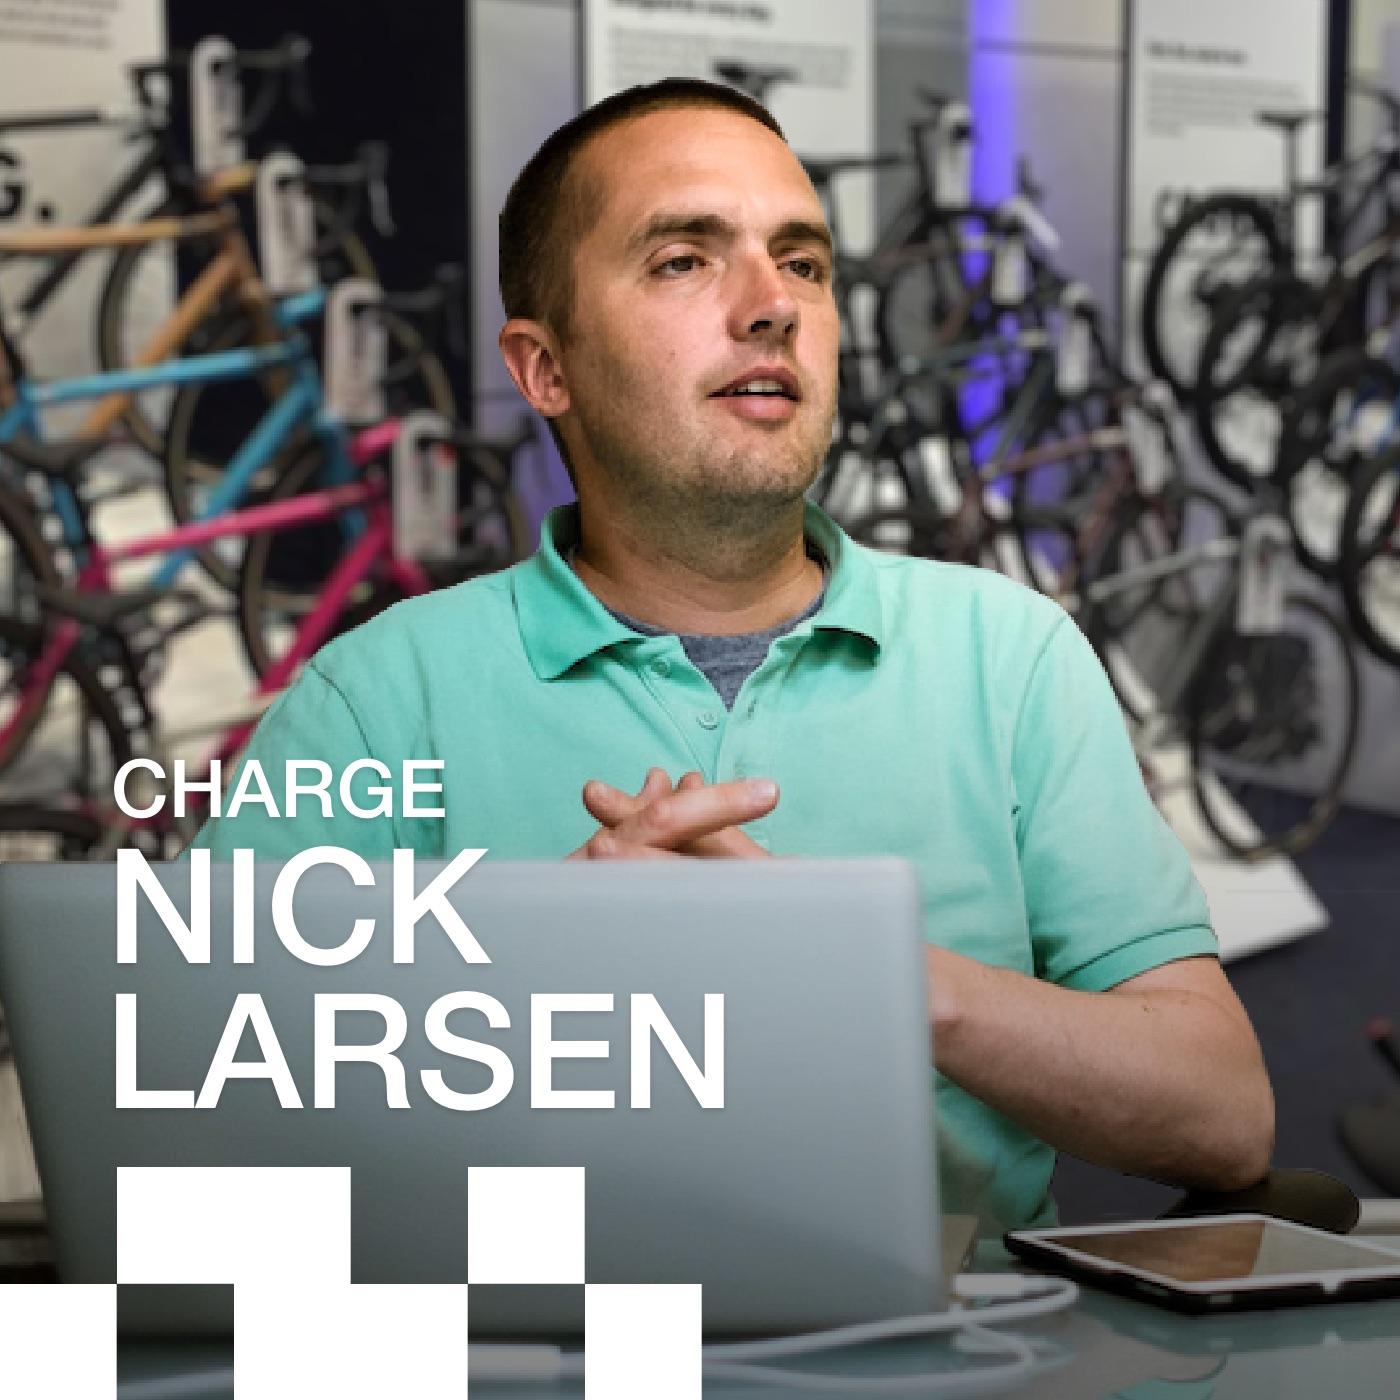 Nick Larsen